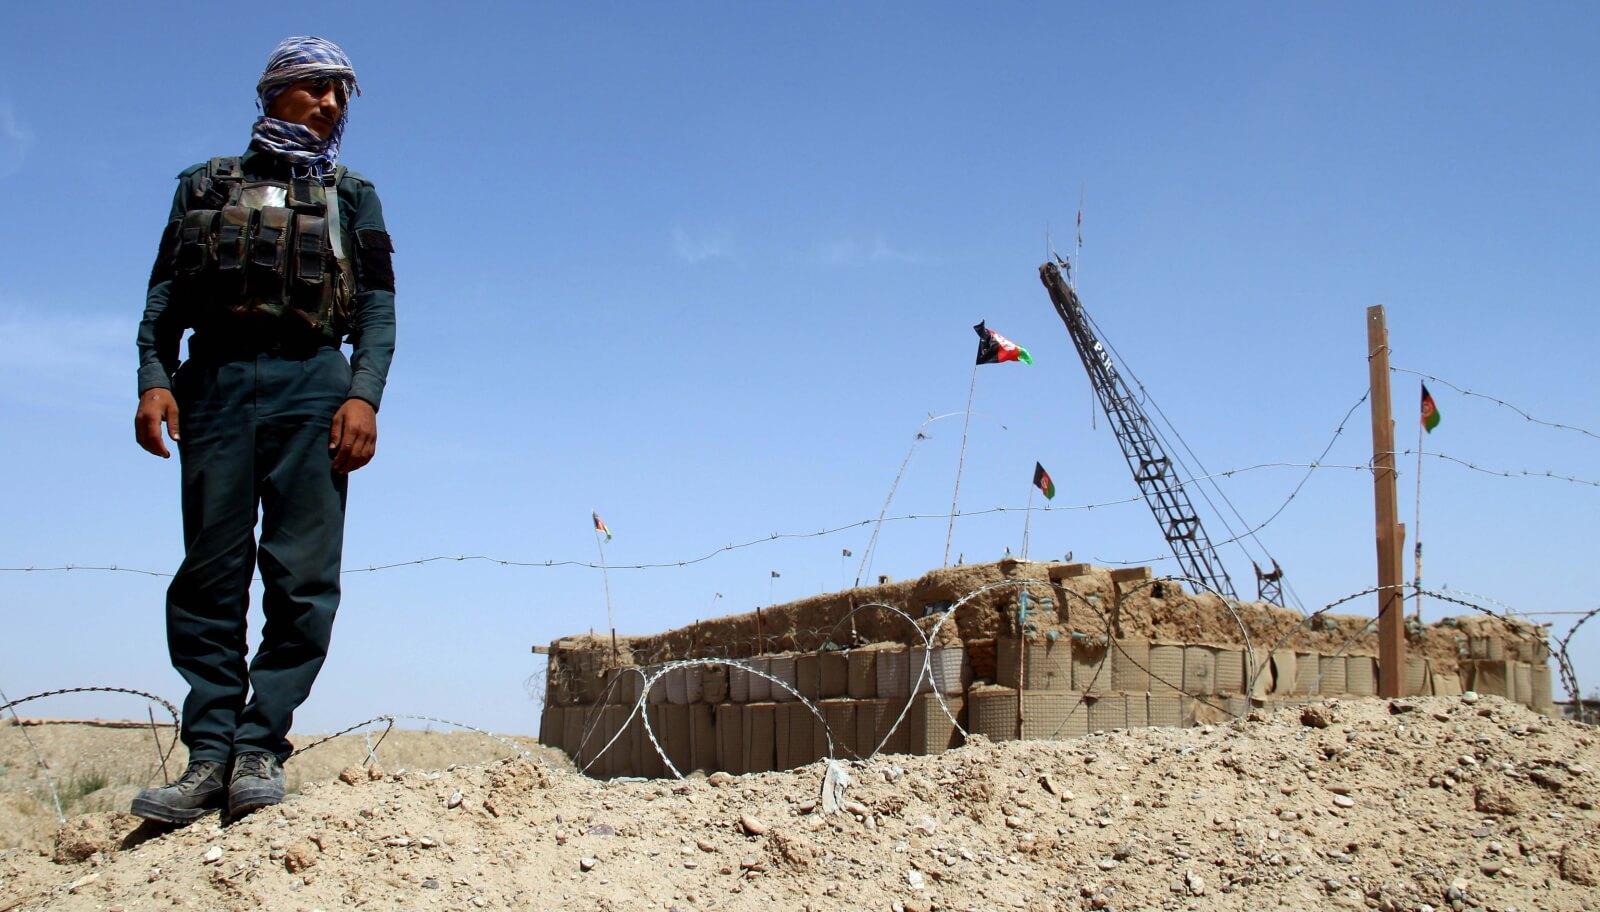 Afganistan fot.  EPA/WATAN YAR